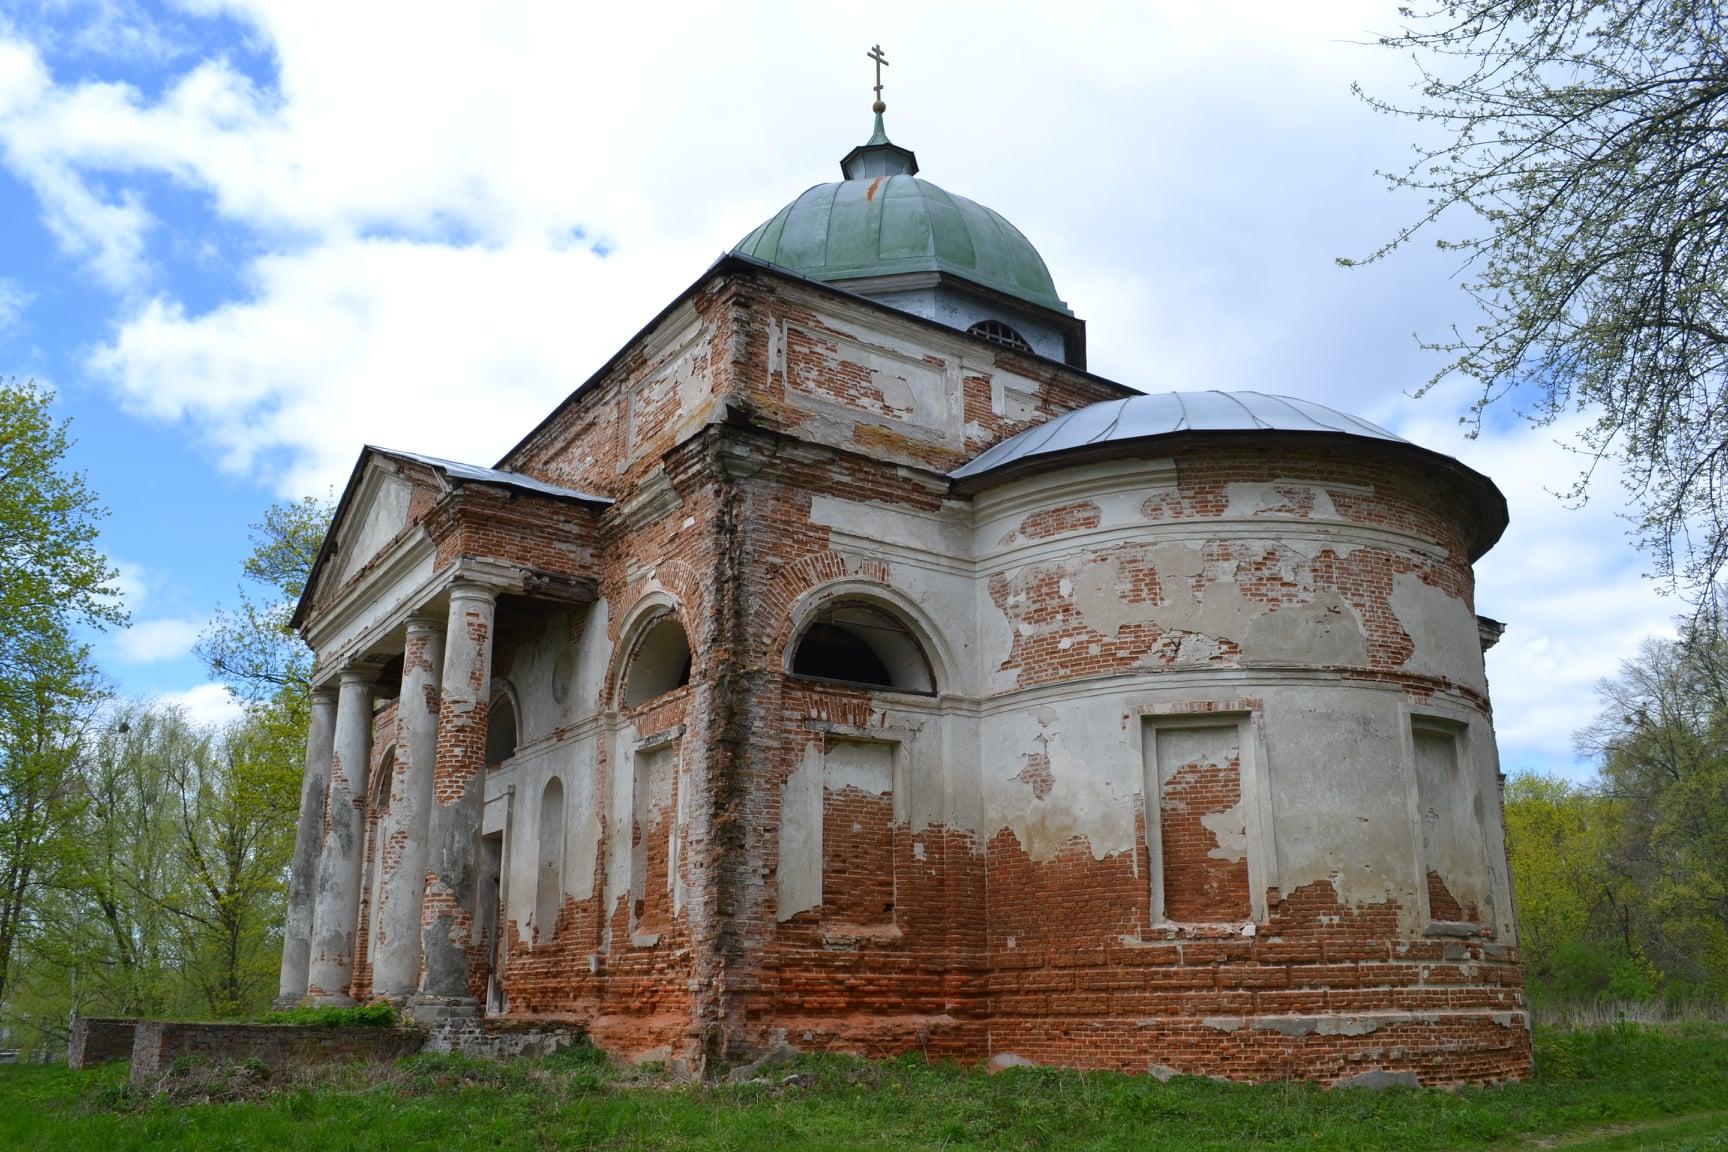 Про колишній величний храм на Чернігівщині нагадує напівзруйнована будівля